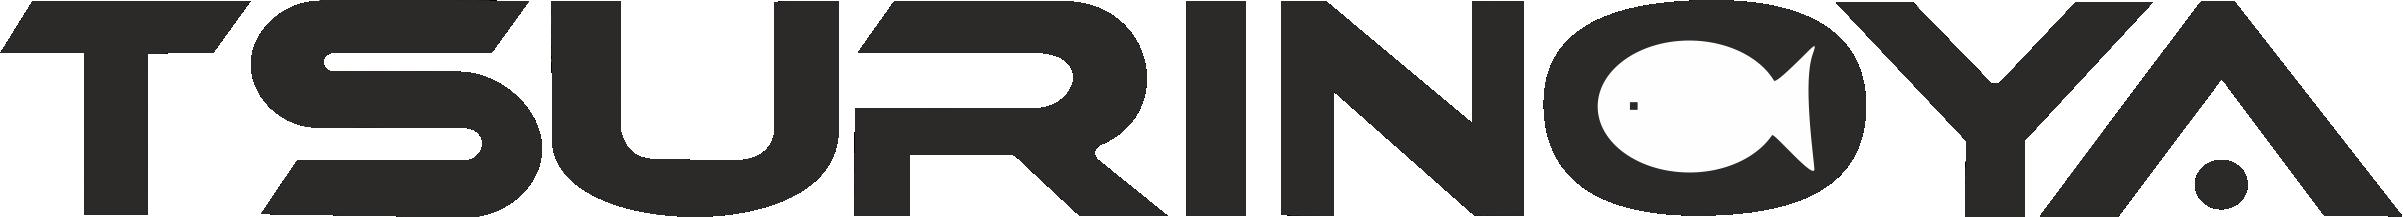 TSURINOYA.NET-Магазин рыболовных товаров